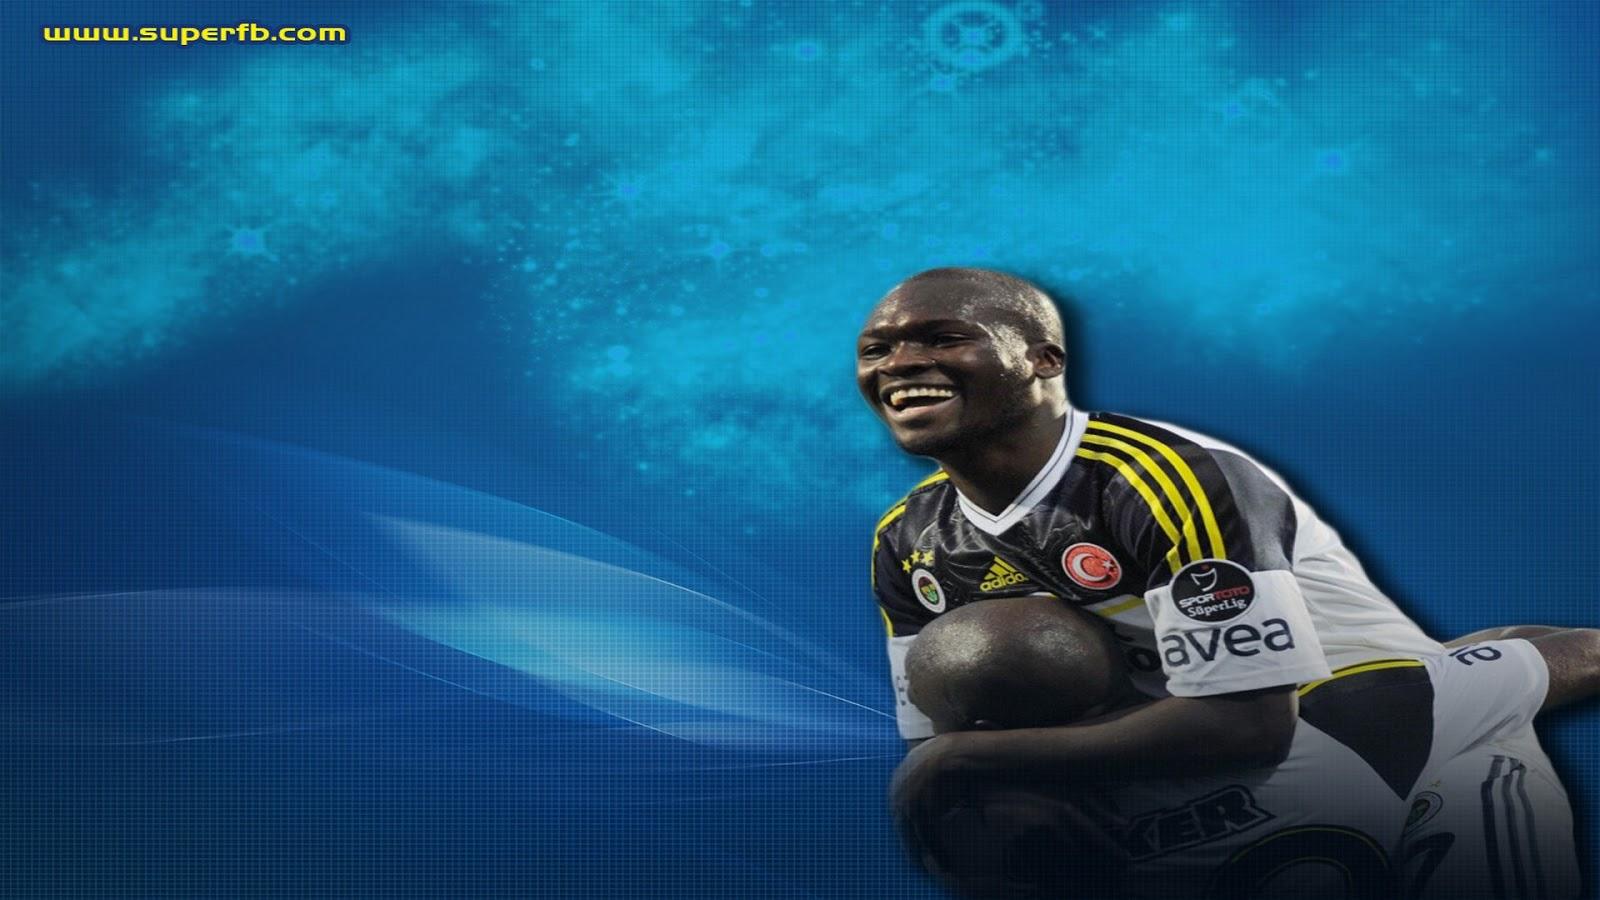 fenerbahce+resim+rooteto+3 Fenerbahçe HD Resimleri